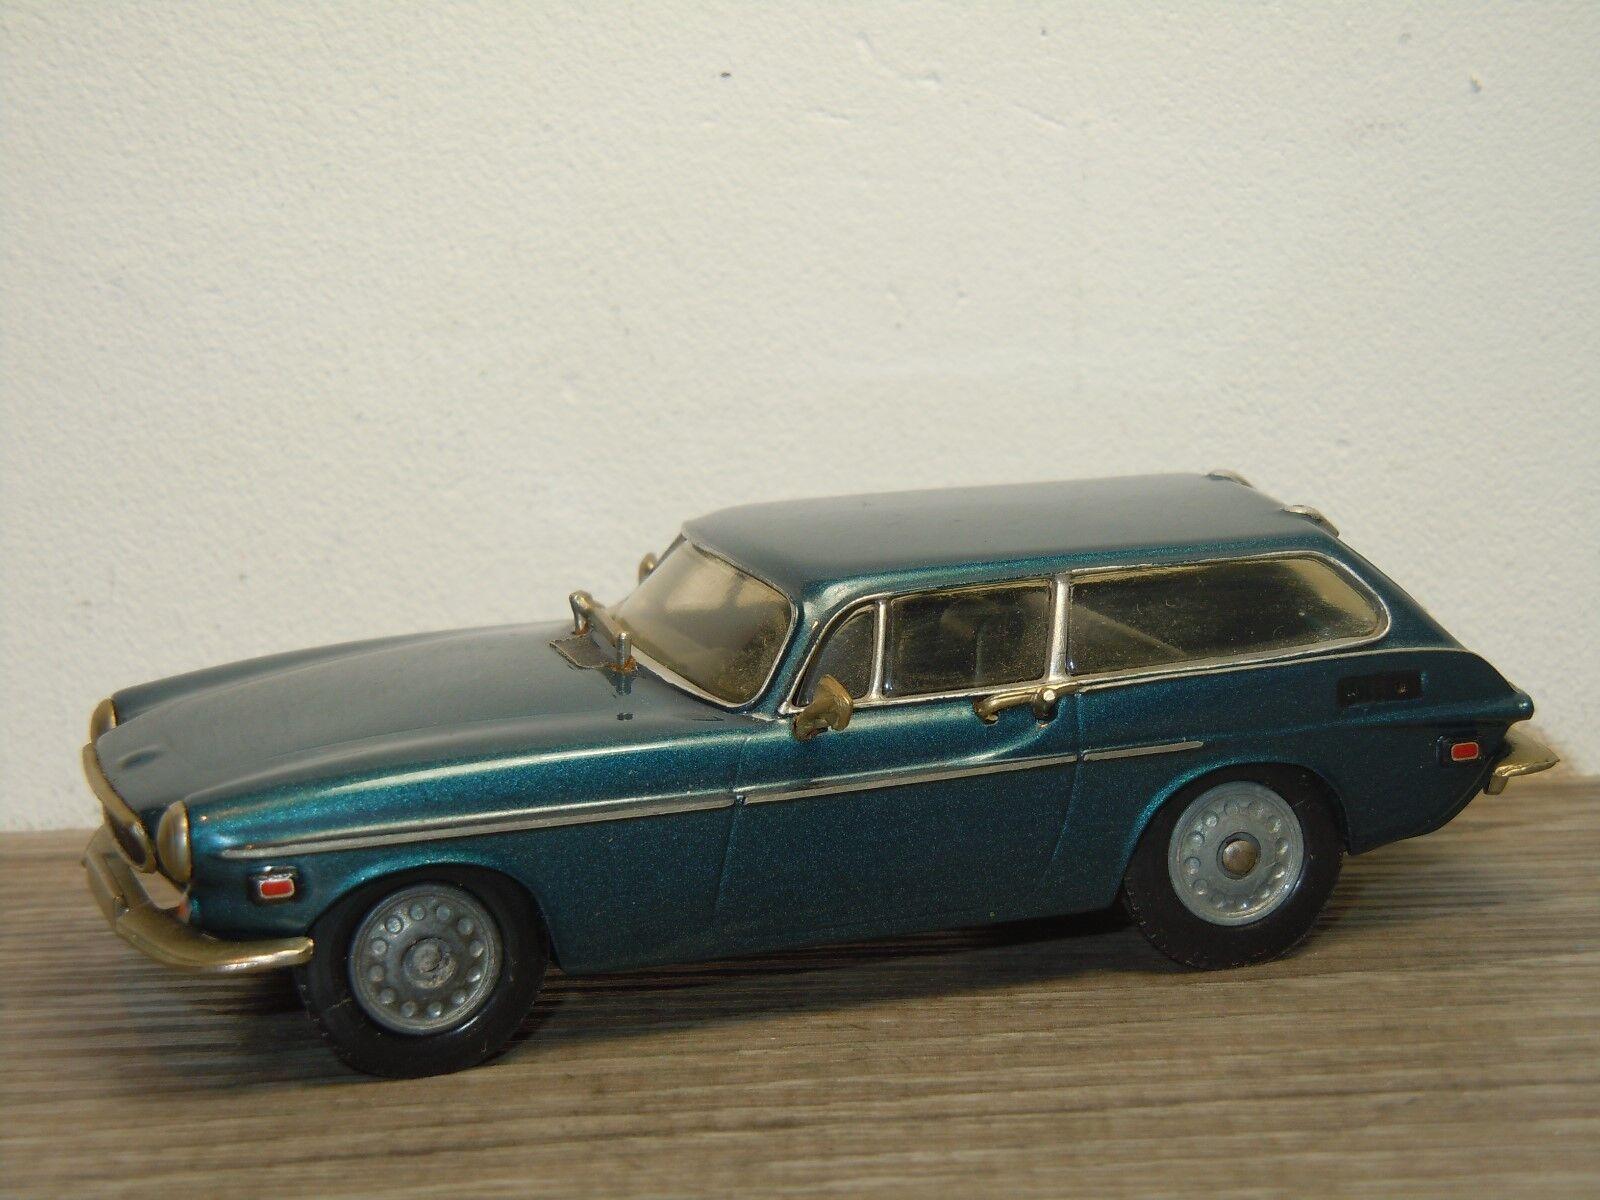 A la venta con descuento del 70%. Volvo P1800 ES ES ES - Danhausen by Tin Wizard 1 43 36449  marcas de diseñadores baratos